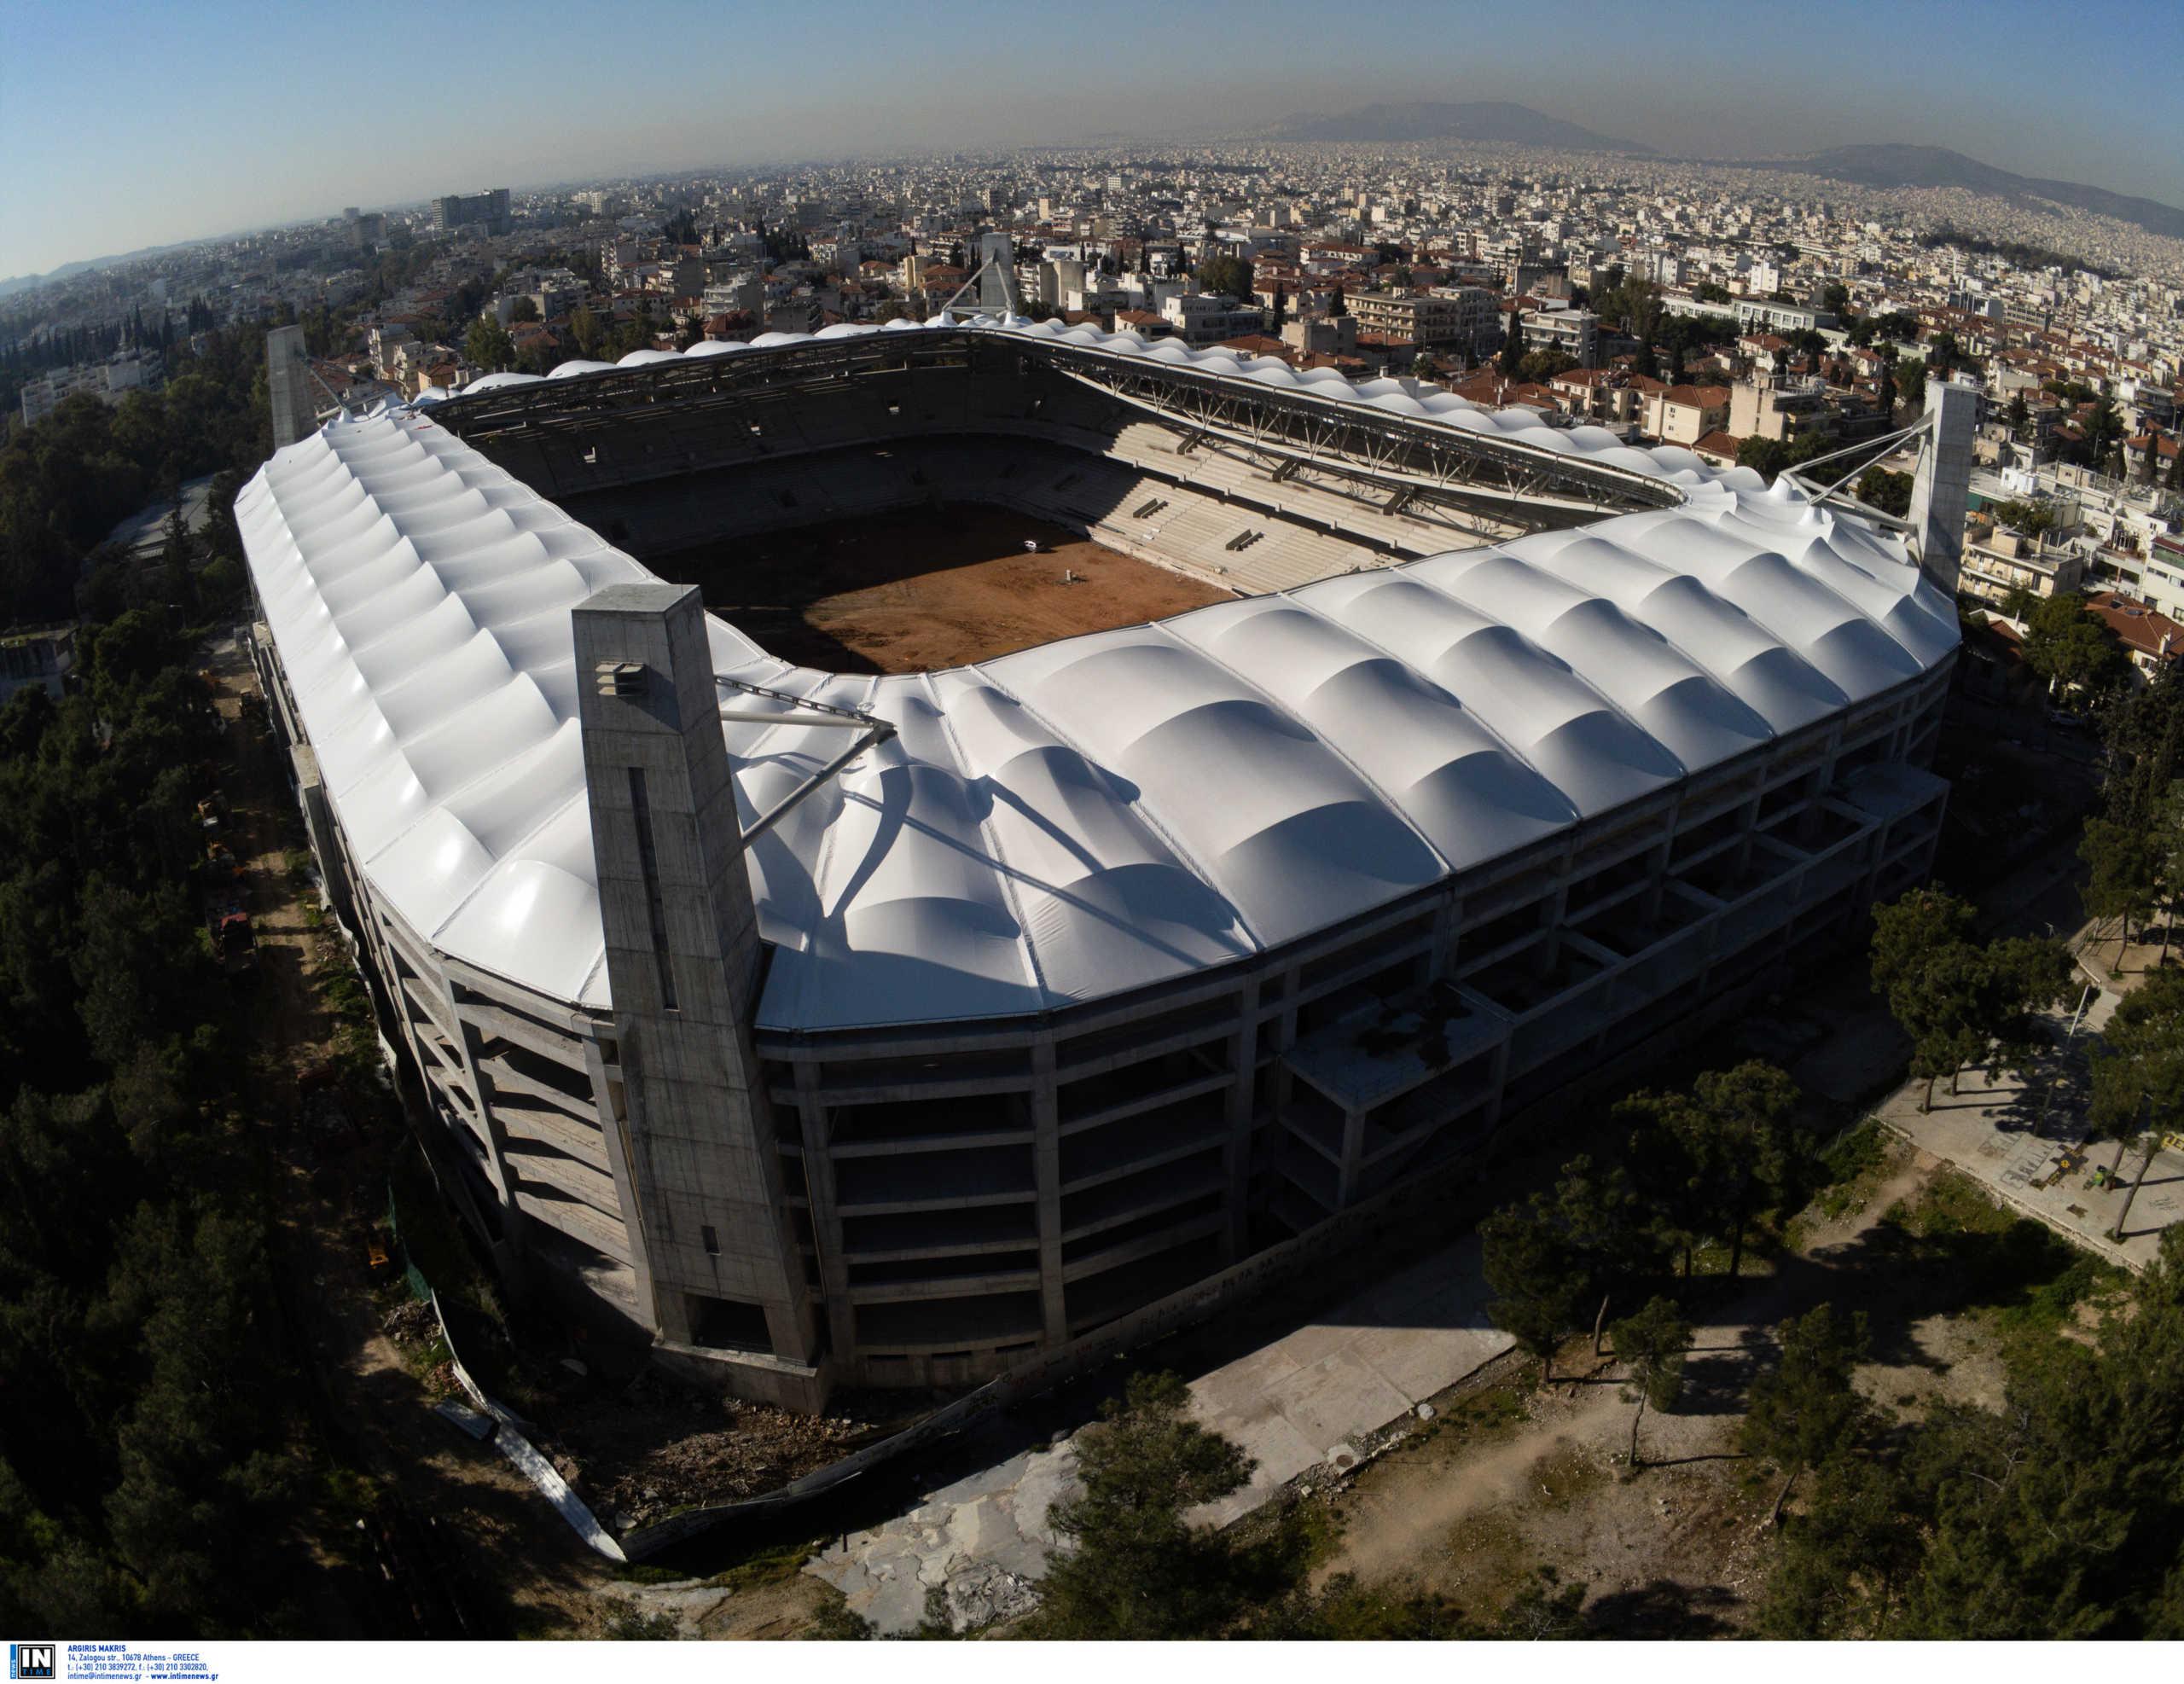 Γήπεδο ΑΕΚ: Κιτρινίζει όλο το πάνω διάζωμα στην «Αγια-Σοφιά»